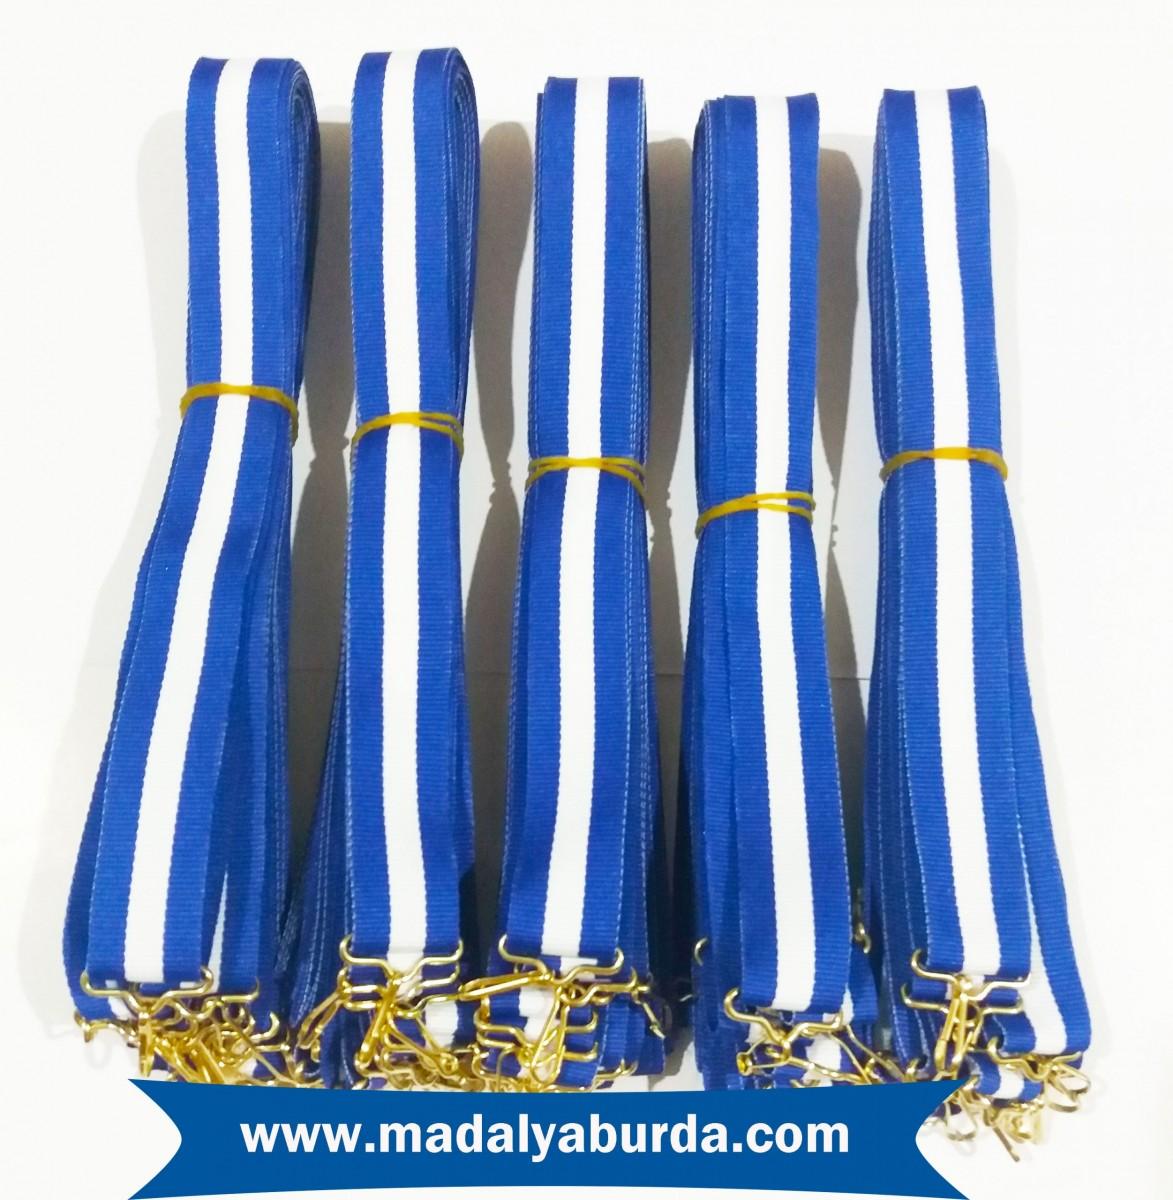 Madalya kurdelesi mavi-beyaz